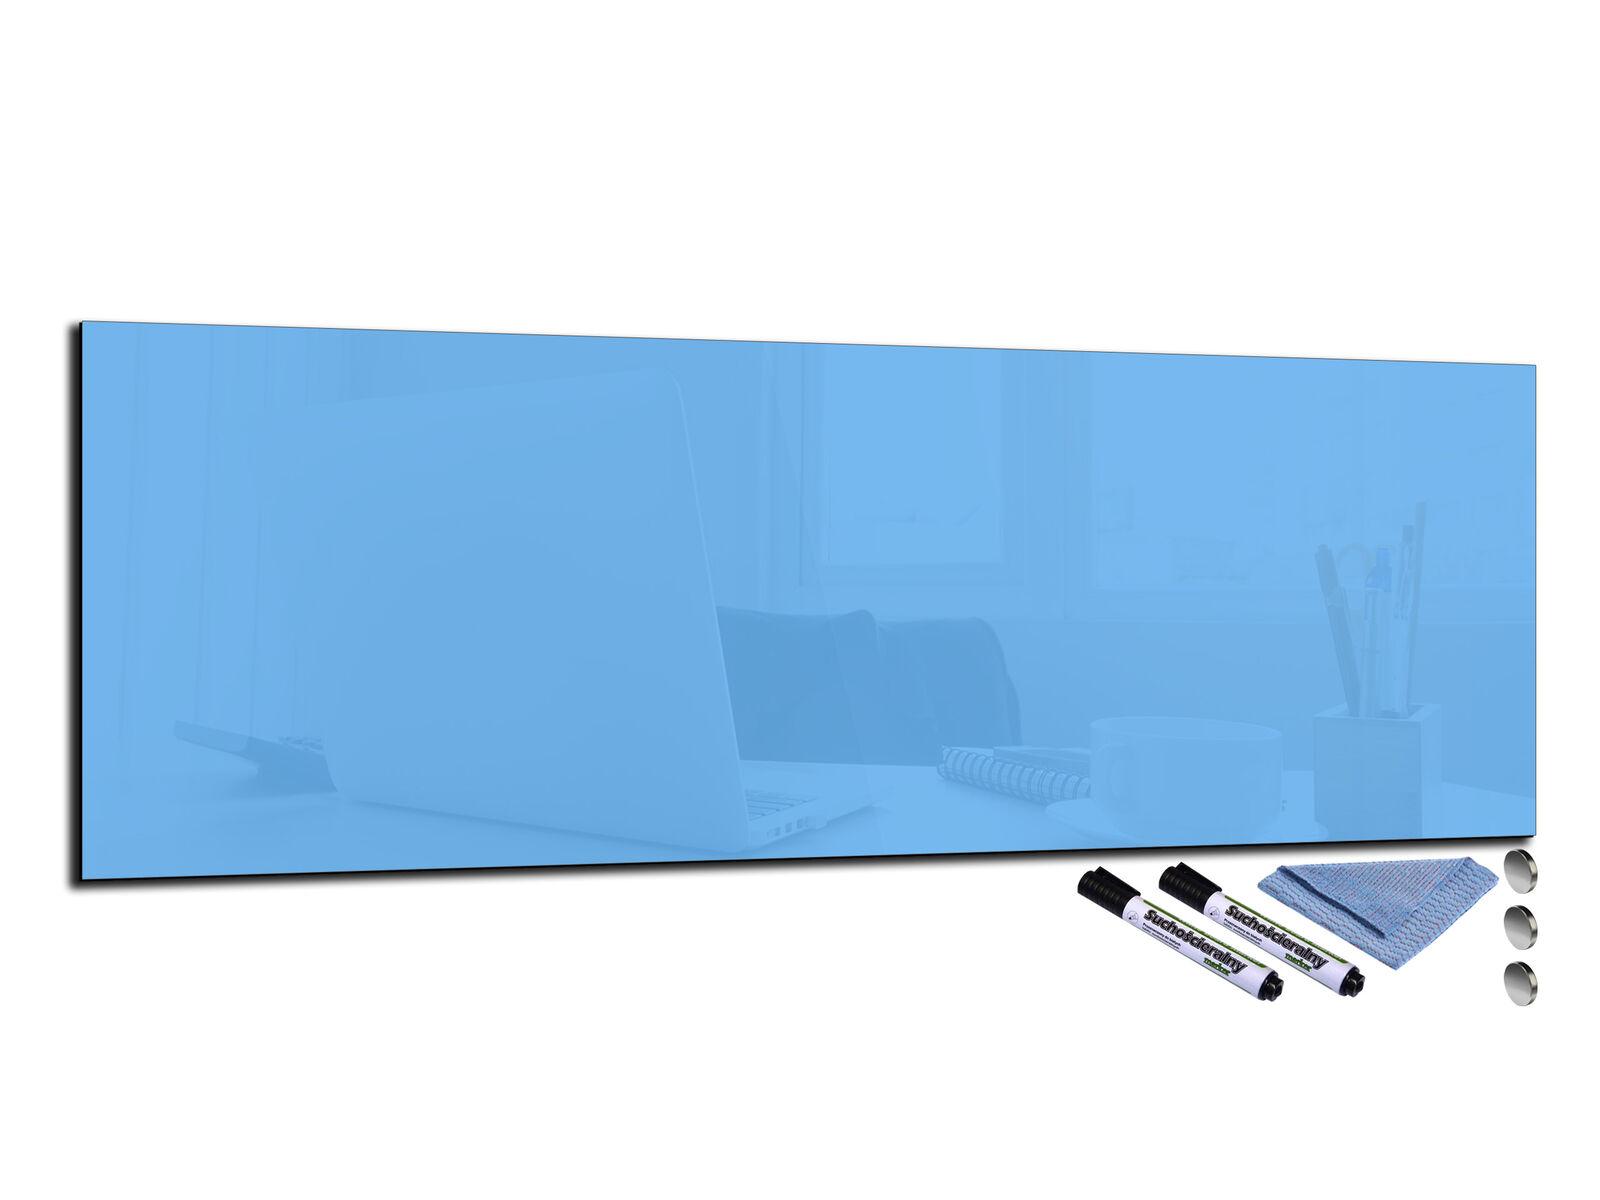 Verre Memo Board Magnétique résistant à la Chaleur Verre Trempé 120x40cm Bleu